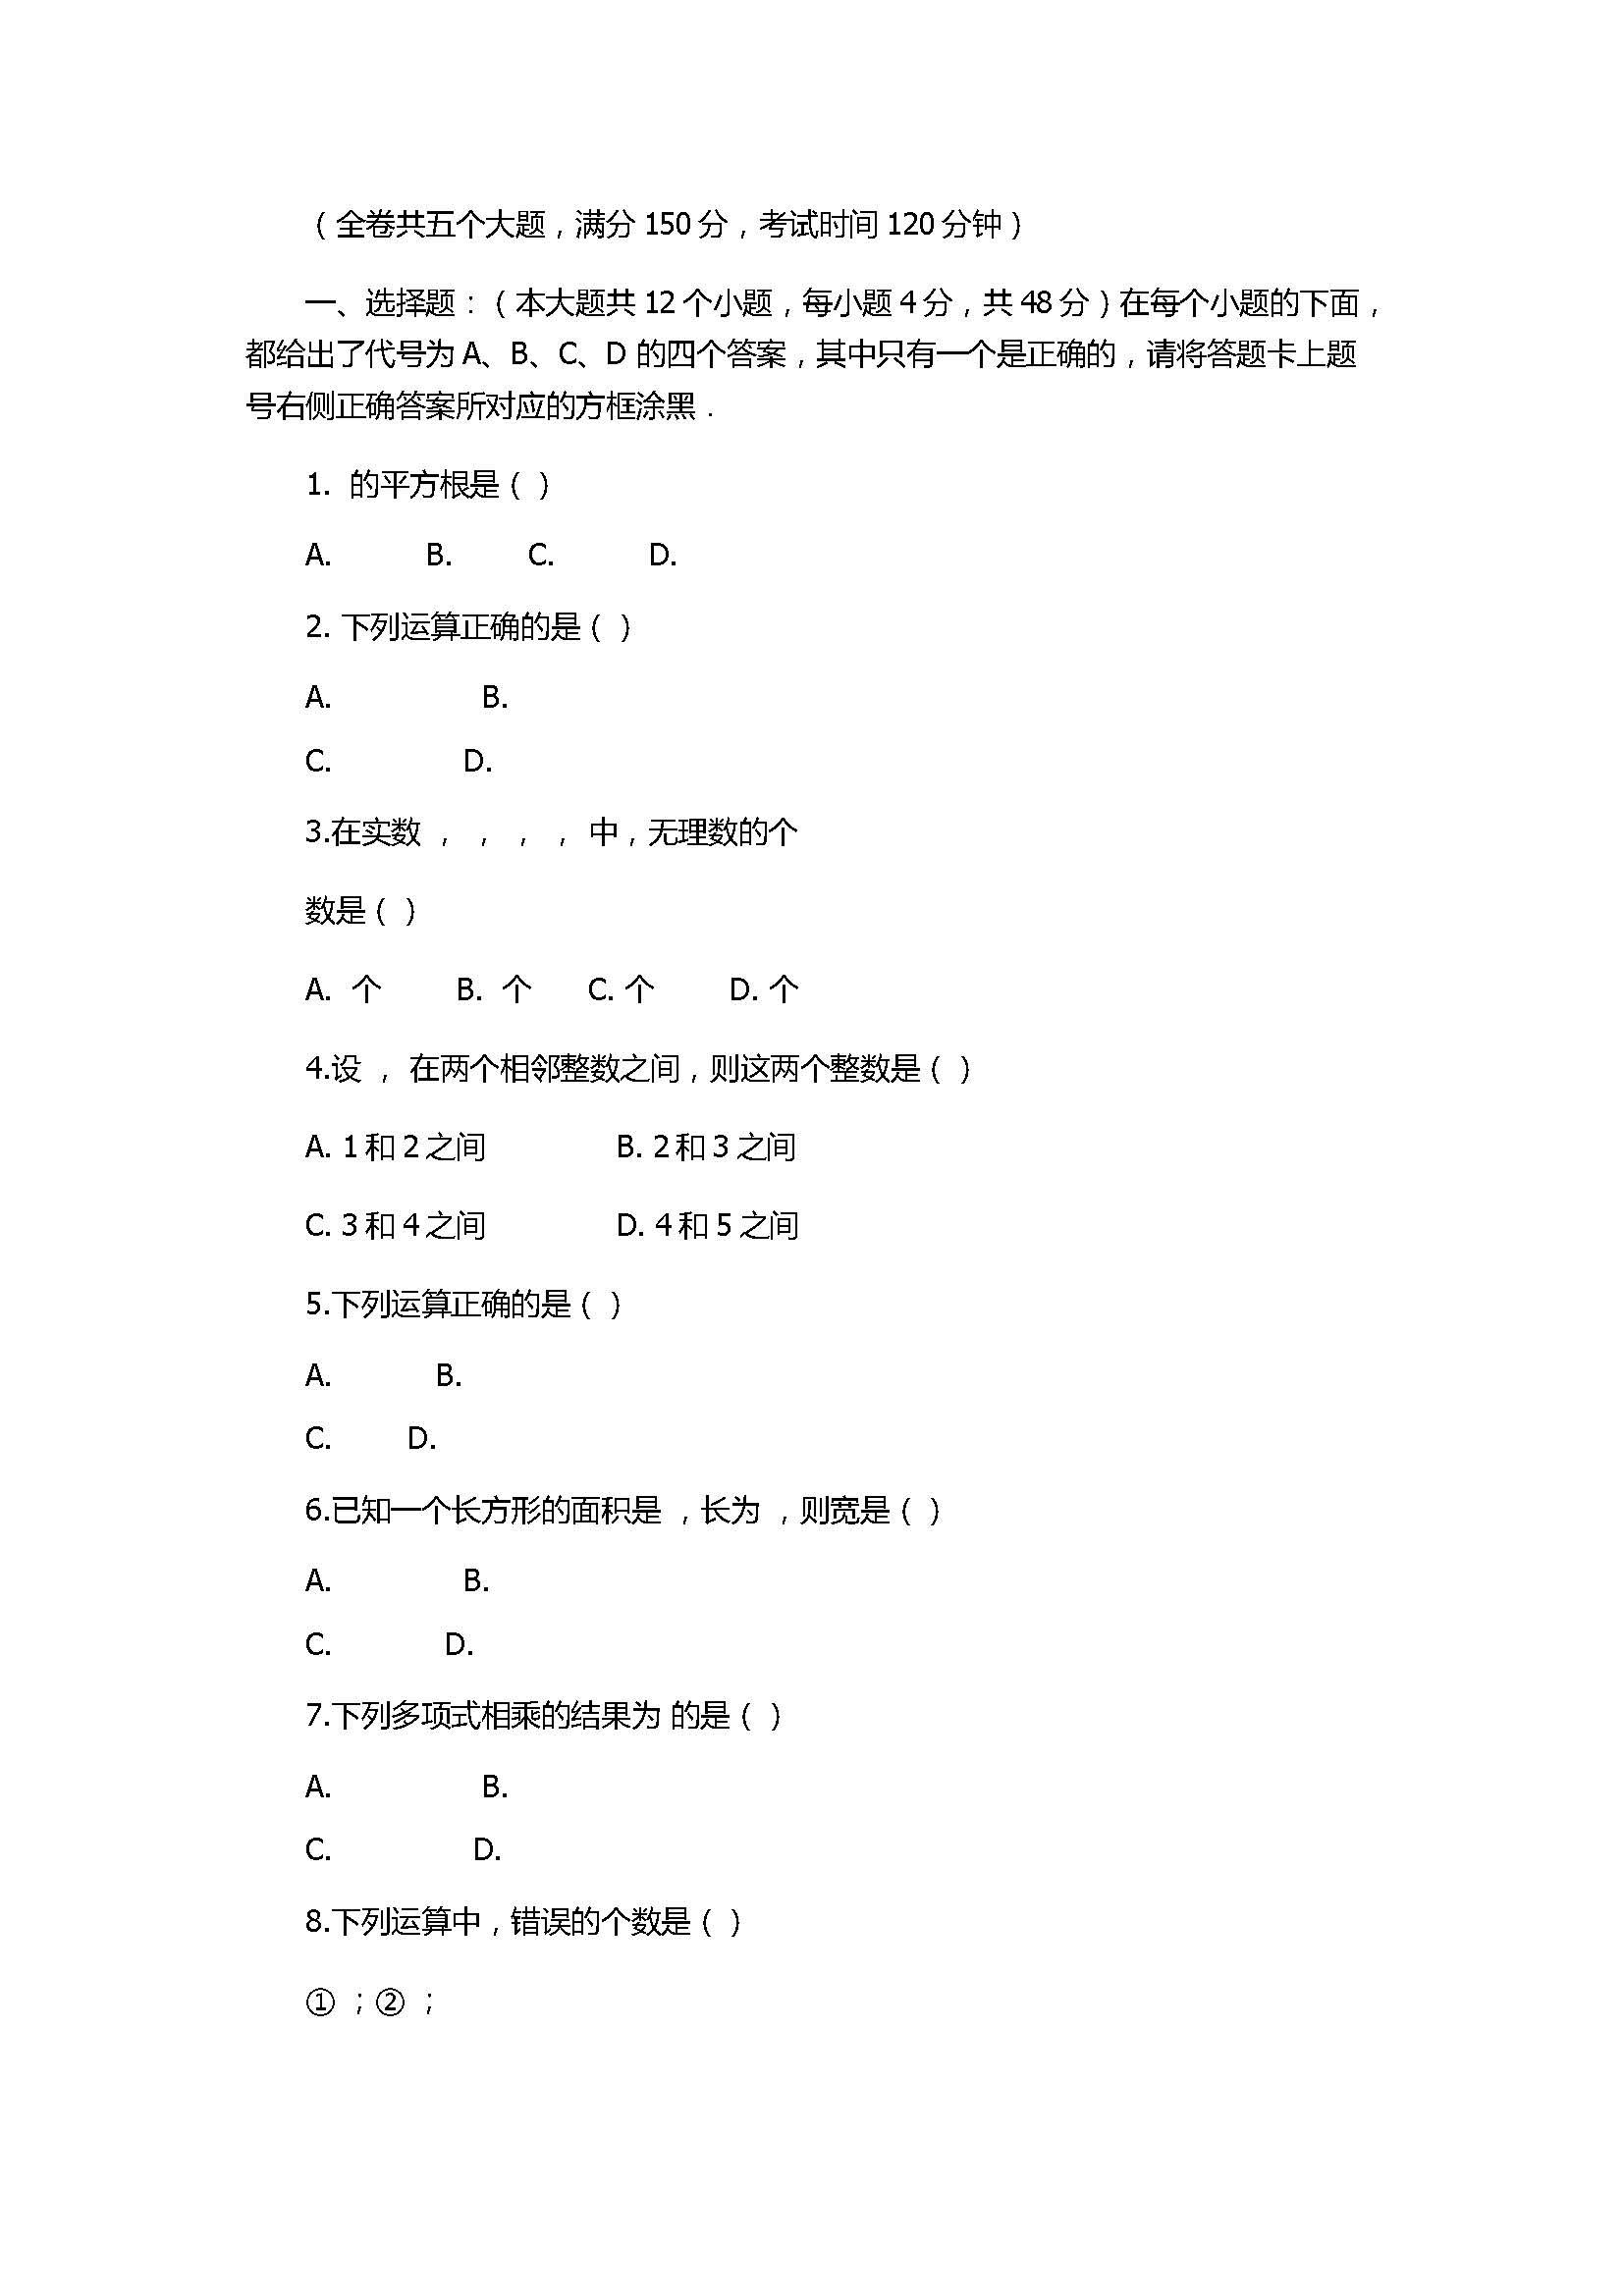 2017初二年级数学上册联考测试卷附参考答案(重庆市)